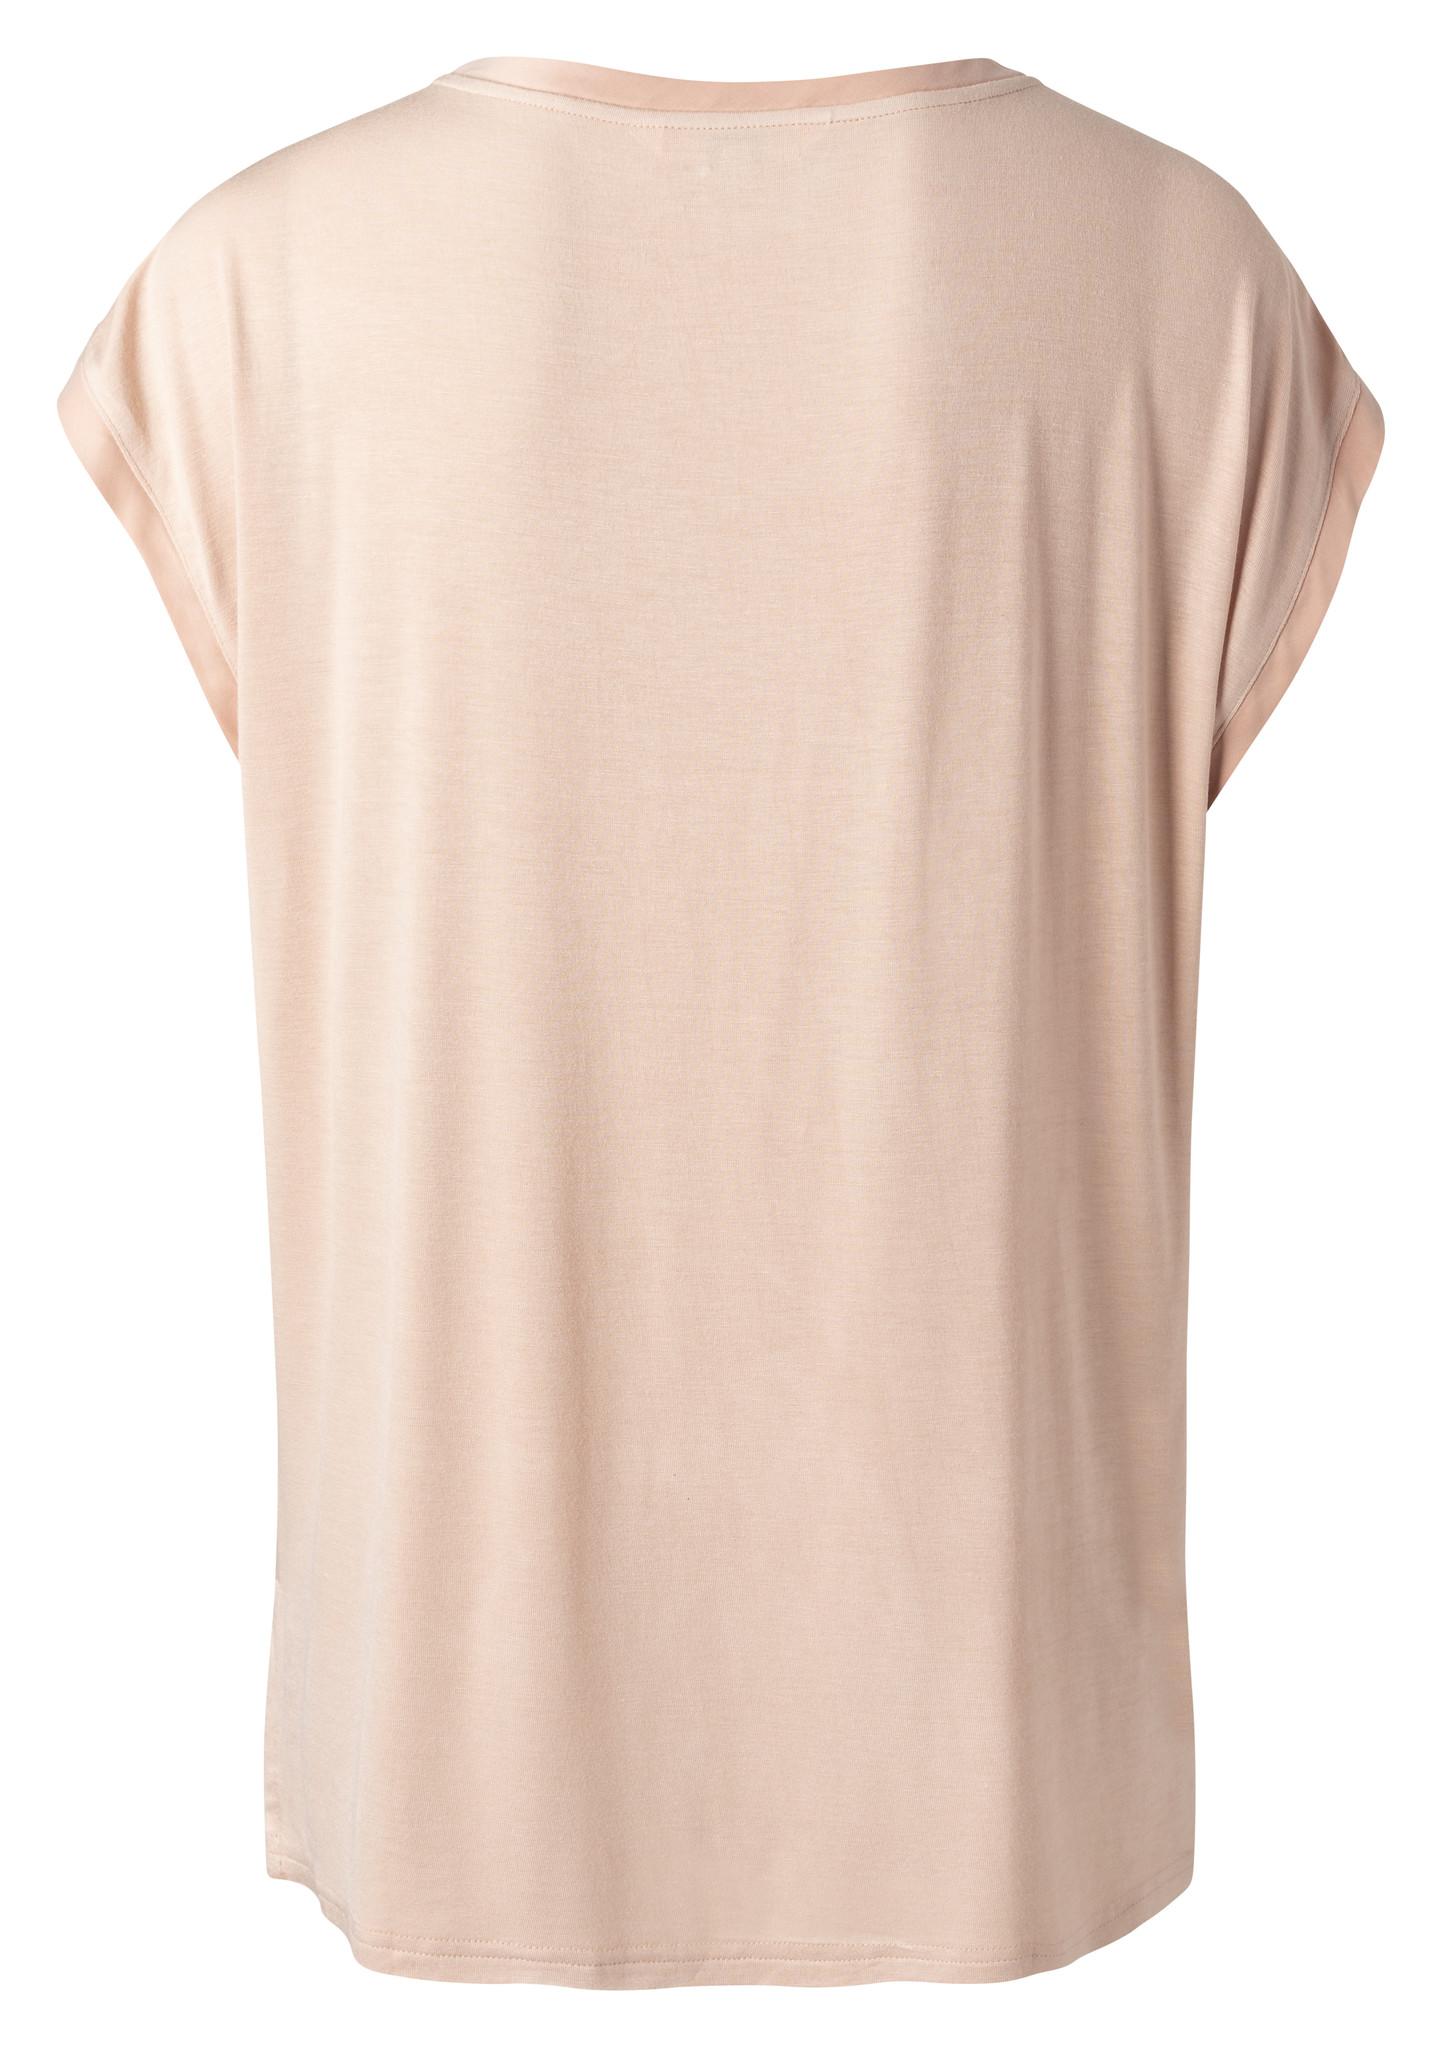 yaya Cupro blend fabric m 1901116-113-4